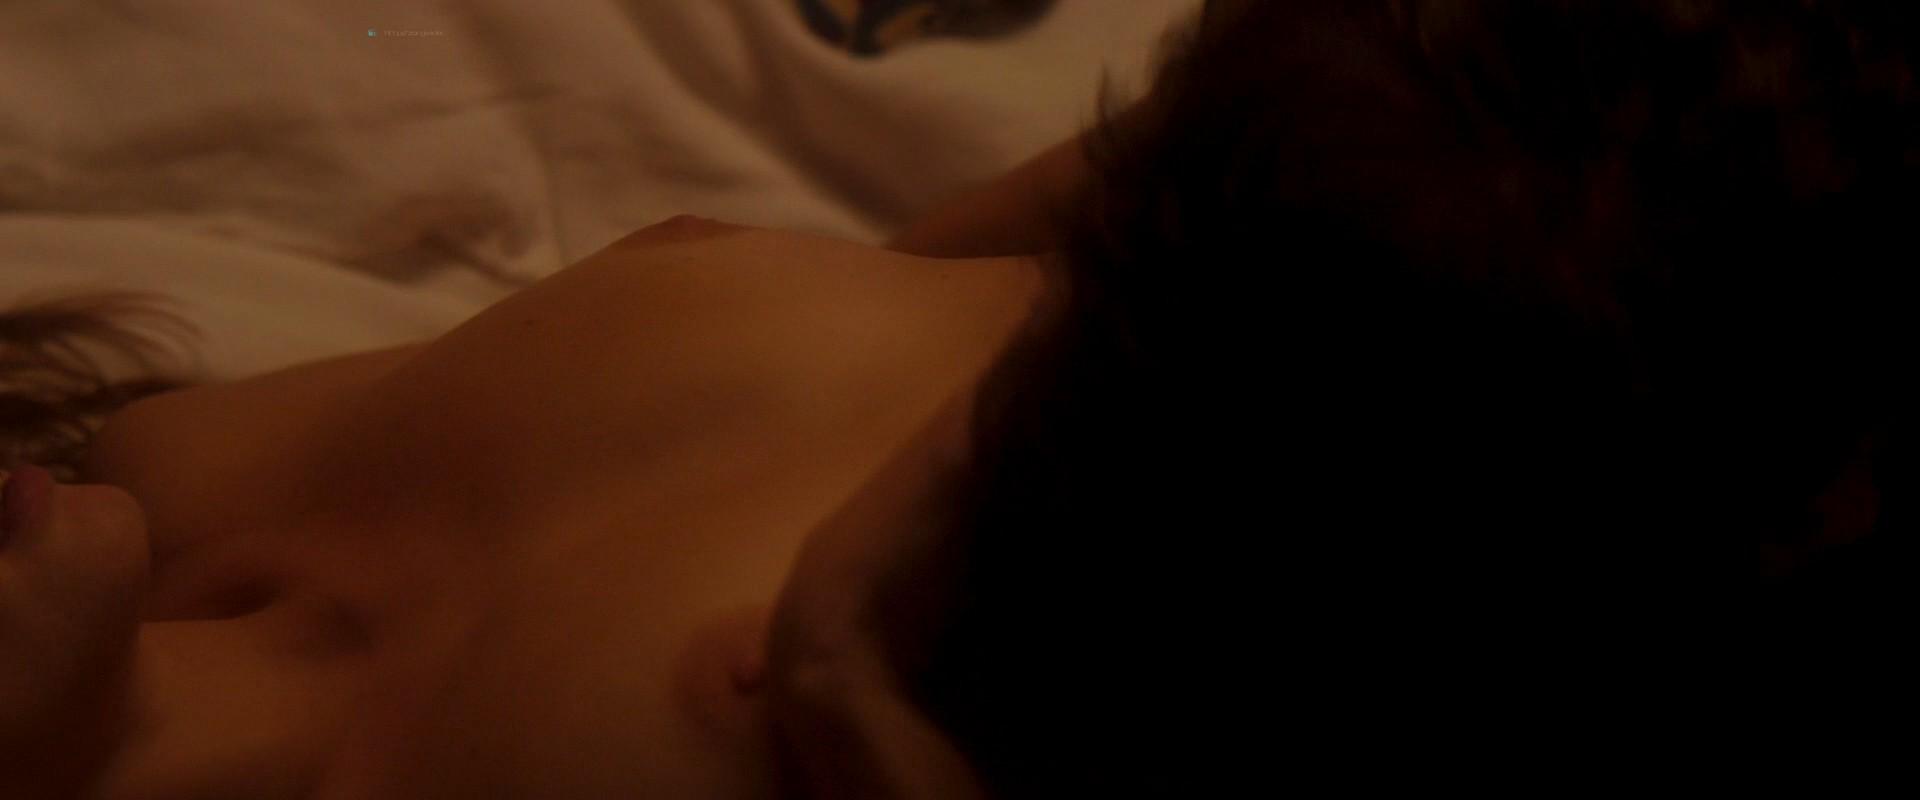 Ana Girardot nude and hot sex - Entangled (2019) 1080p Web (9)